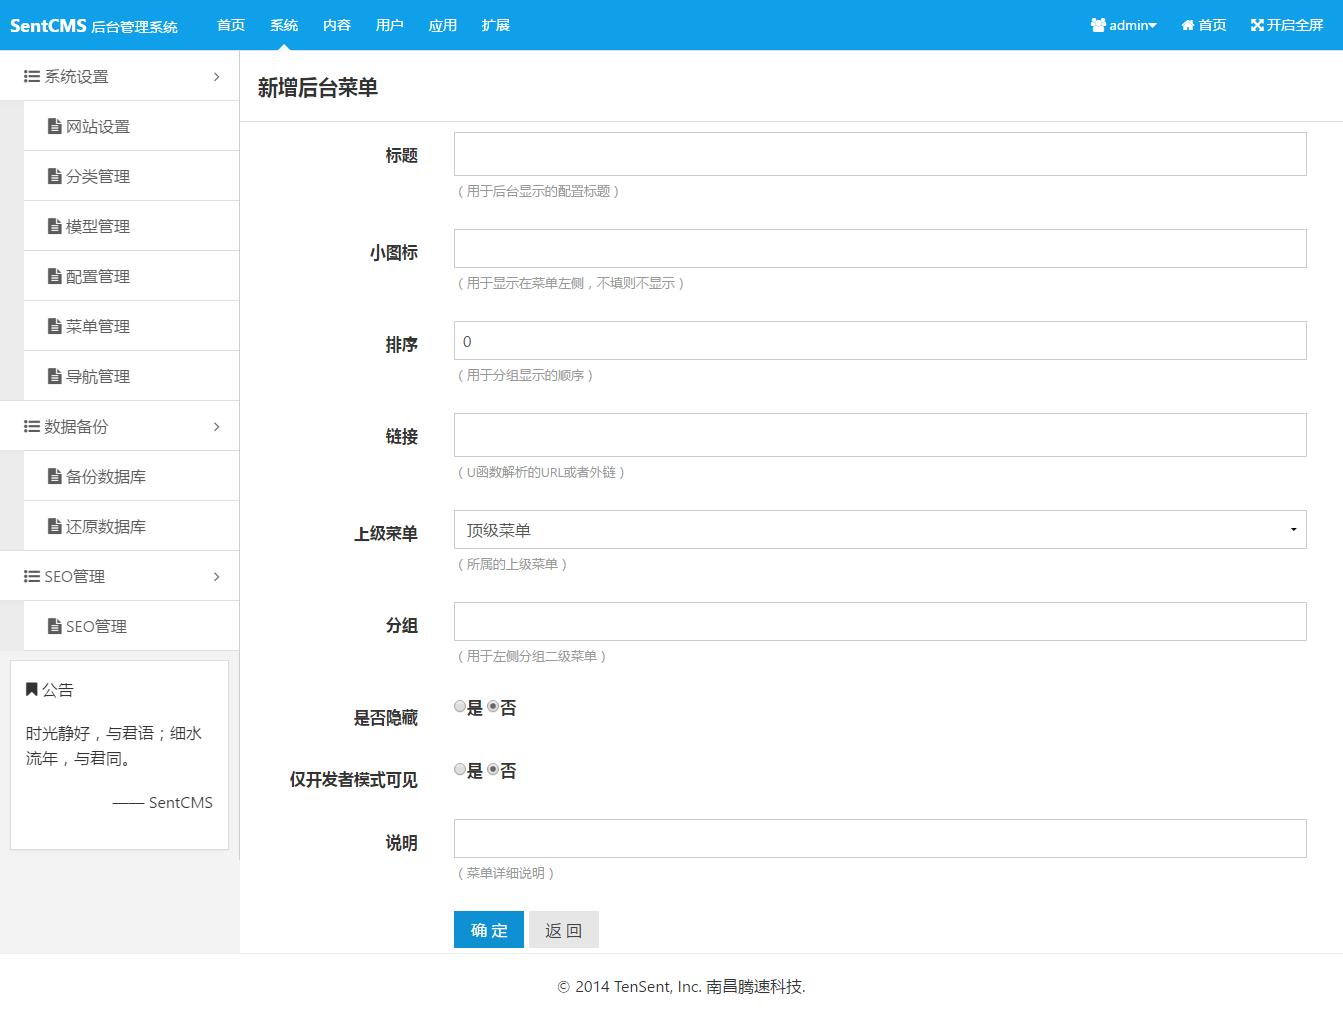 如何治下载网站源码的文字_网站 源码 下载 (https://www.oilcn.net.cn/) 综合教程 第3张